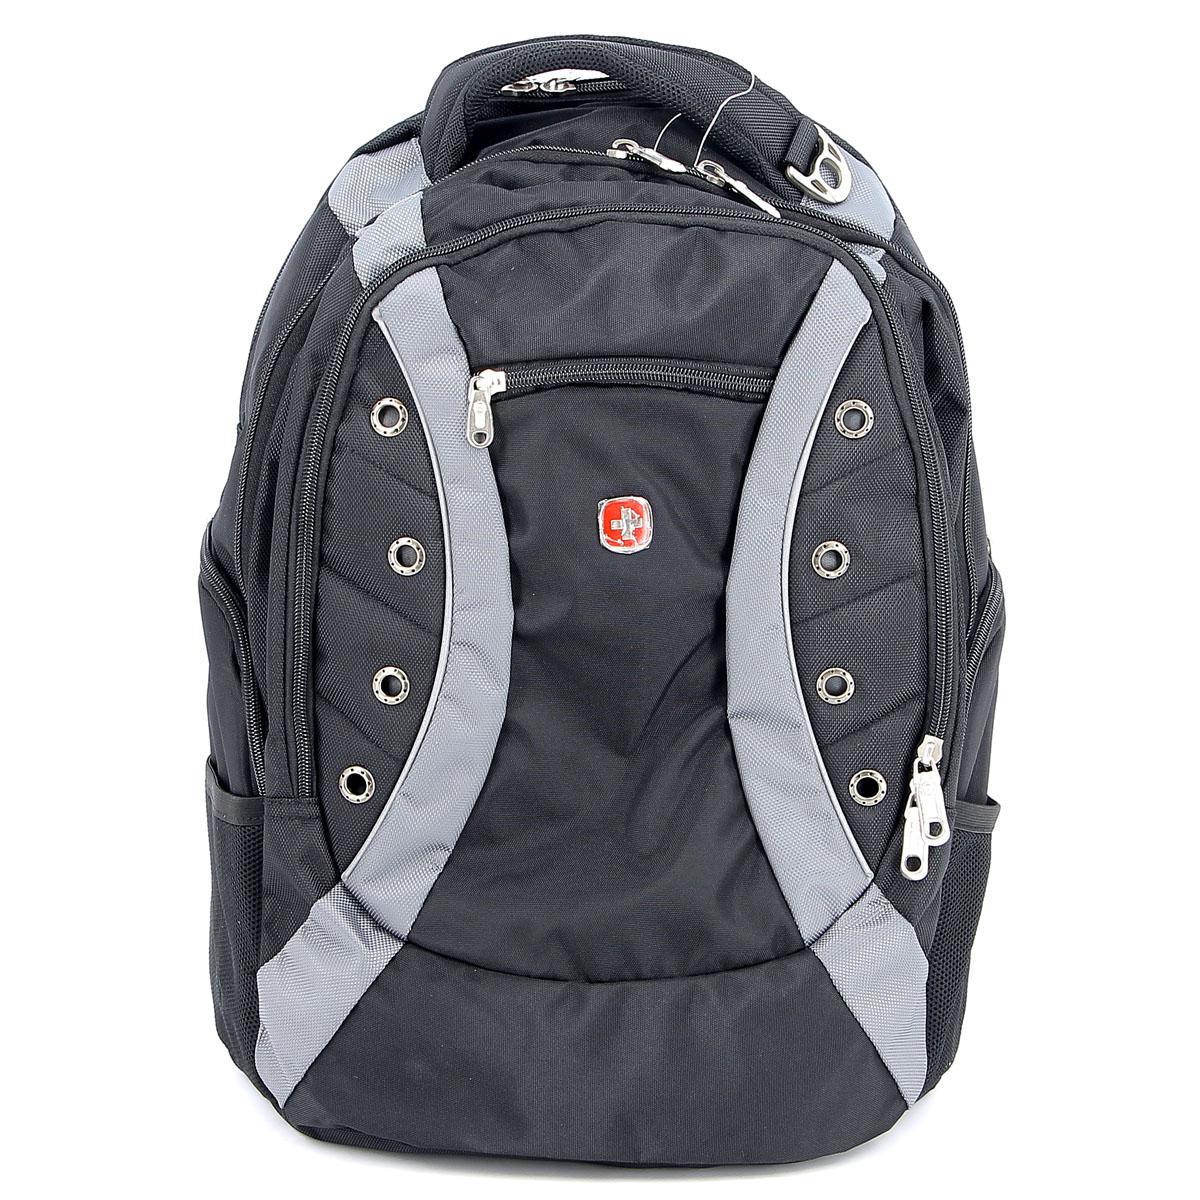 Рюкзак Wenger Zoom, цвет: черный, серый, 36 см х 21 см х 47 см, 35 лBP-001 BKРюкзак Wenger Zoom - это самодостаточный, многофункциональный и надежный спутник своего владельца, как и знаменитый швейцарский нож! Благодаря многофункциональности рюкзака Wenger, вы можете легко организовать свои вещи, отправив ключи, мобильный телефон и еще тысячу мелочей в специальный карман-органайзер, положив ноутбук в надежный мягкий карман под спинкой. После этого останется еще много места для других необходимых вещей. Рюкзаки и сумки Wenger - это прежде всего современные материалы и фурнитура от надежных поставщиков и швейцарский контроль качества, благодаря которому репутация компании была и остается столь высокой. Продуманная конструкция и современные технологии проявляются главным образом в потрясающей надежности рюкзаков и сумок Wenger. А ведь надежность - самое важное качество и в амуниции, и в людях! Особенности рюкзака:Большой объем для хранения: основное отделение предоставляет достаточный объем для папок, электронных игр и других аксессуаров.Мягкое отделение для ноутбука: регулируемый ремень с липучкой может закрепить ноутбуки с размером экрана 15 дюймов. Эластичные сетчатые карманы удобны для аксессуаров.Система циркуляции воздуха: дизайн задней мягкой вставки для спины обеспечивает циркуляцию воздуха для комфорта и максимального удобства. Плечевые ремни: эргономичные ремни анатомической формы разработаны с дополнительным уплотнением для удобства и контроля.Карман для бутылки воды: карман из эластичной сетки удобен для хранения бутылок любого размера. Отверстие для провода наушников: внутренний карман подходит для большинства МР3 плееров с внешним портом для наушников.Карман для мелких предметов: внутренний карман-органайзер включает съемную ключницу и раздельные кармашки для ручек, карандашей, мобильного телефона и CD дисков.Петля для очков: благодаря эластичной петле на плечевом ремне удобно хранить солнцезащитные очки и они легко доступны.По всем вопросам гарантийного 